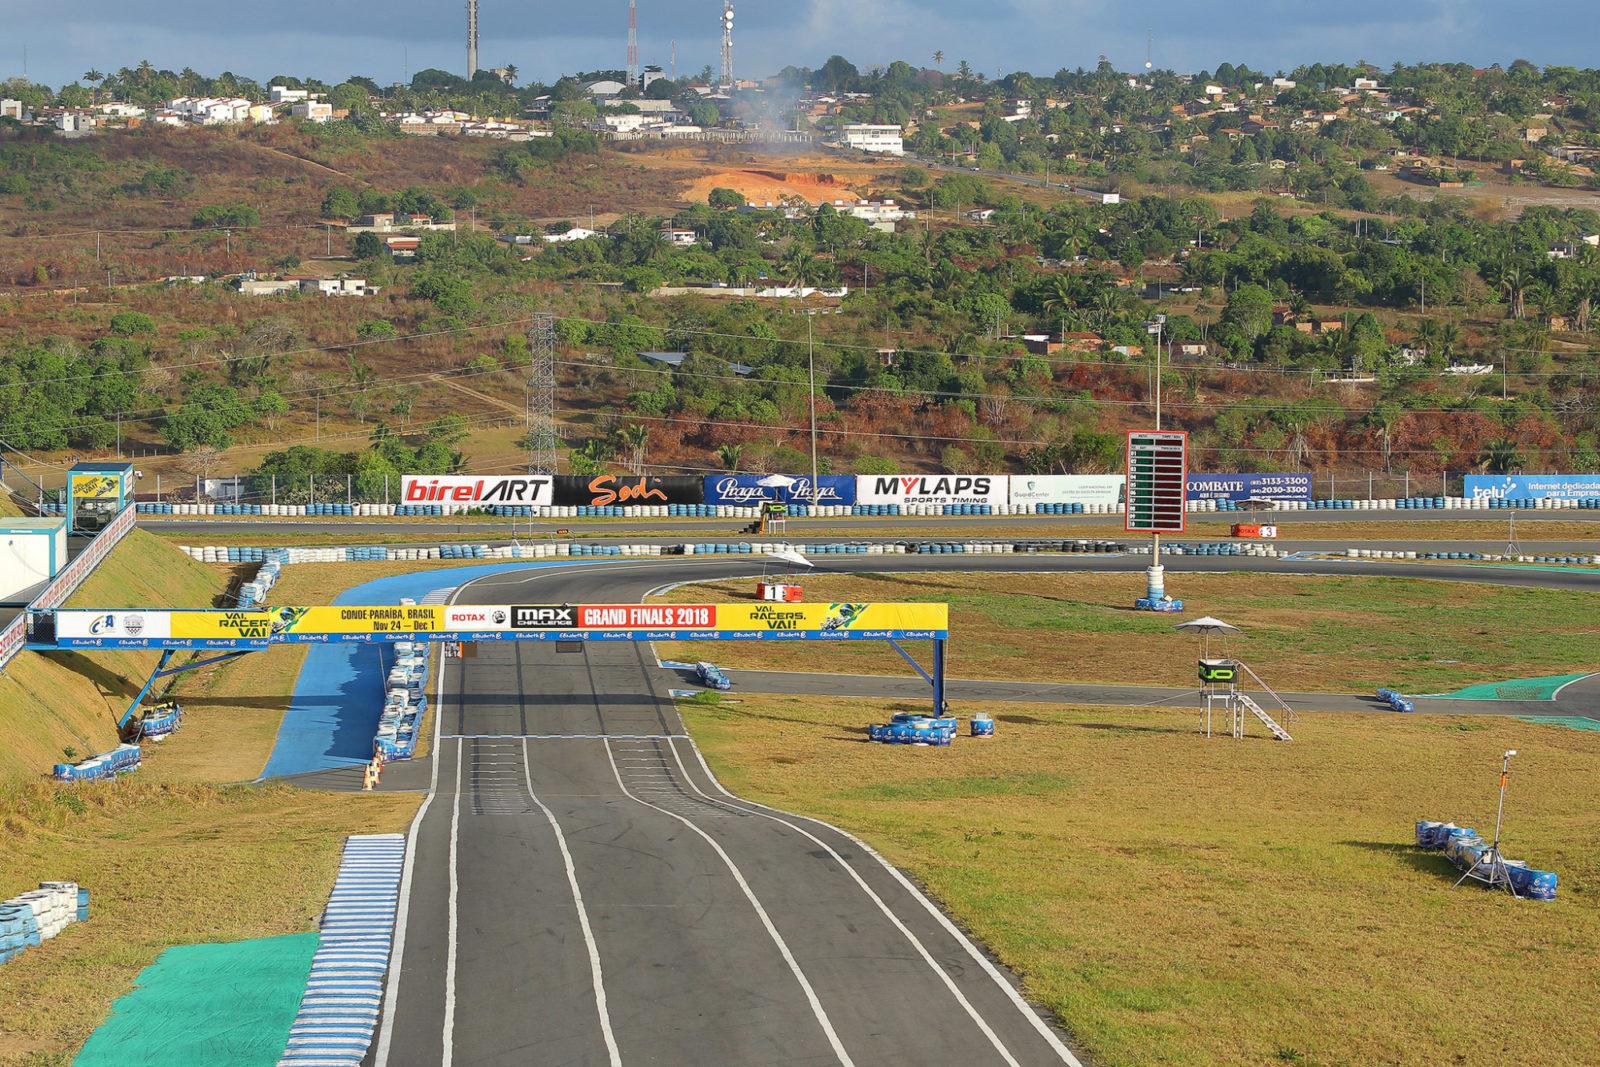 Paladino International Circuit